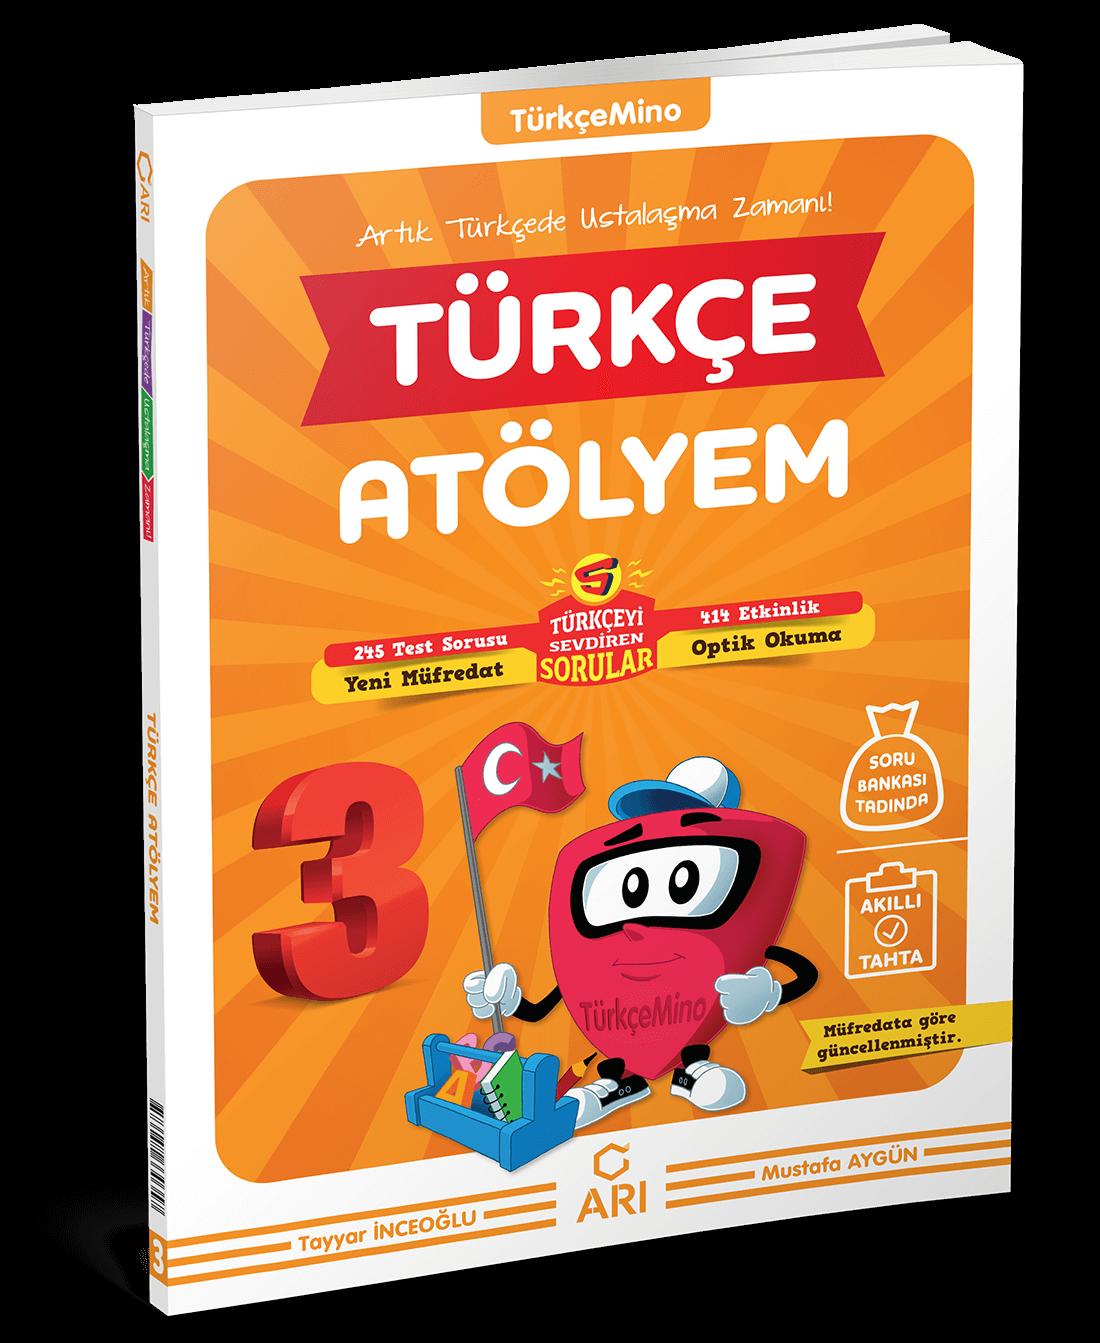 TürkçeMino Türkçe Atölyem 3. Sınıf